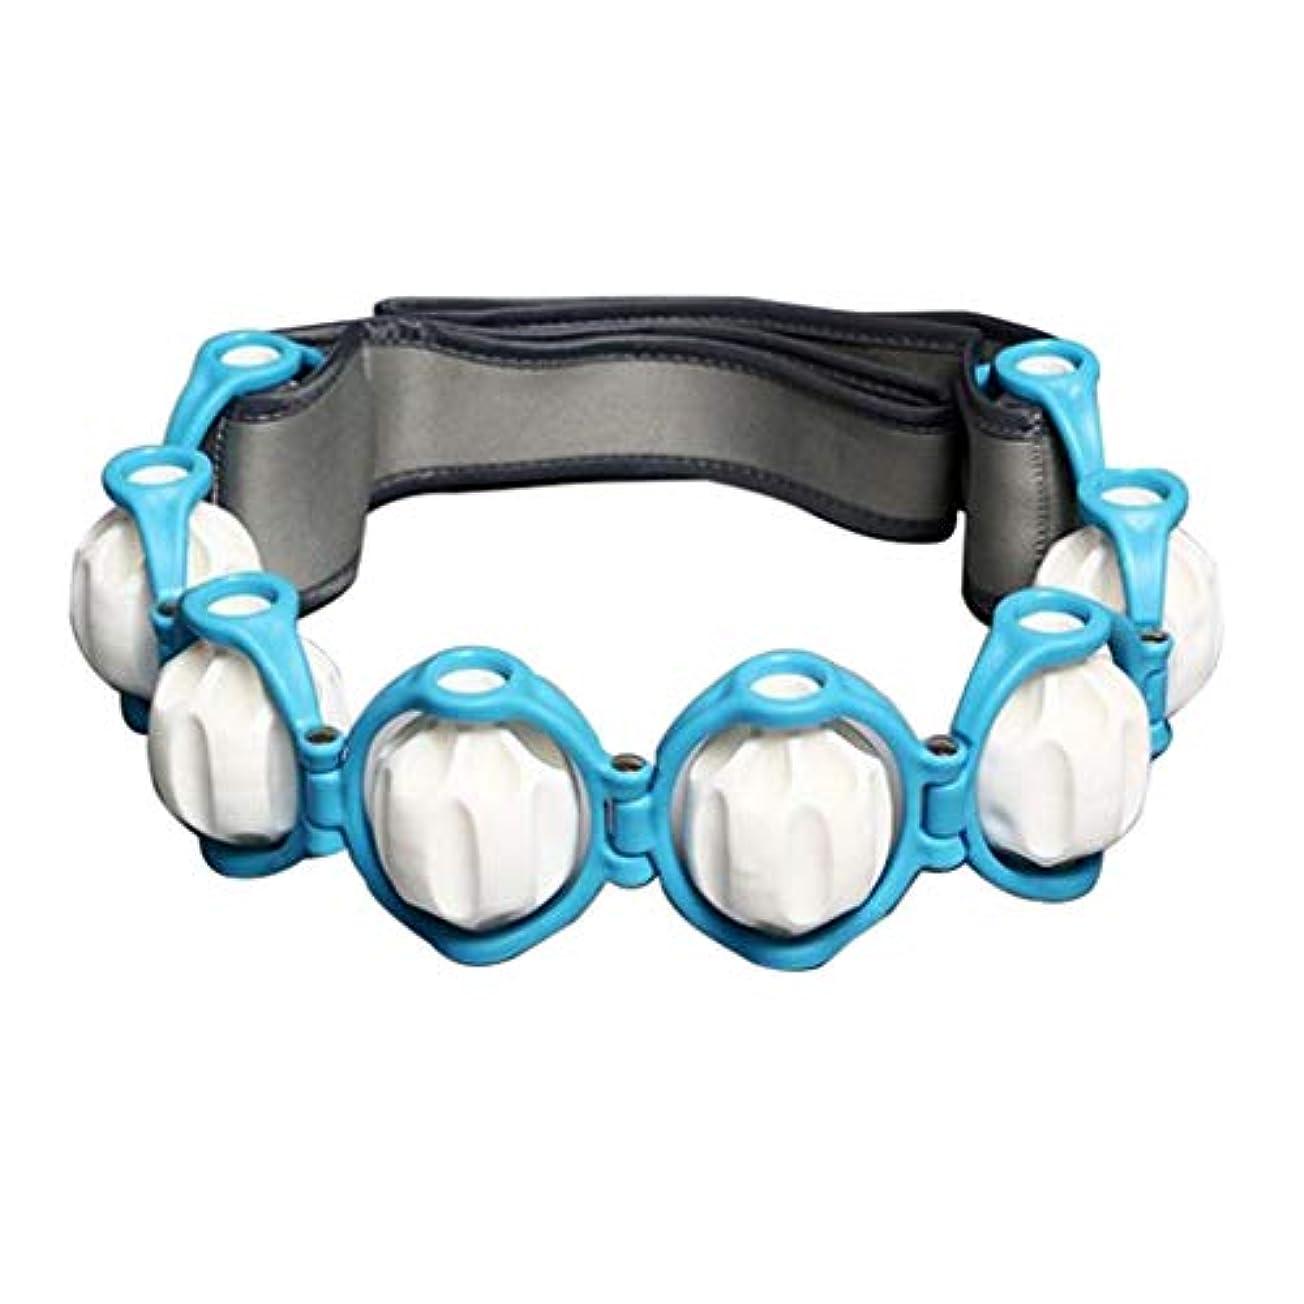 基本的なマオリ手紙を書くHellery フルボディ - 多機能 - 痛みを軽減するためのハンドヘルドマッサージローラーロープ - 青, 説明したように